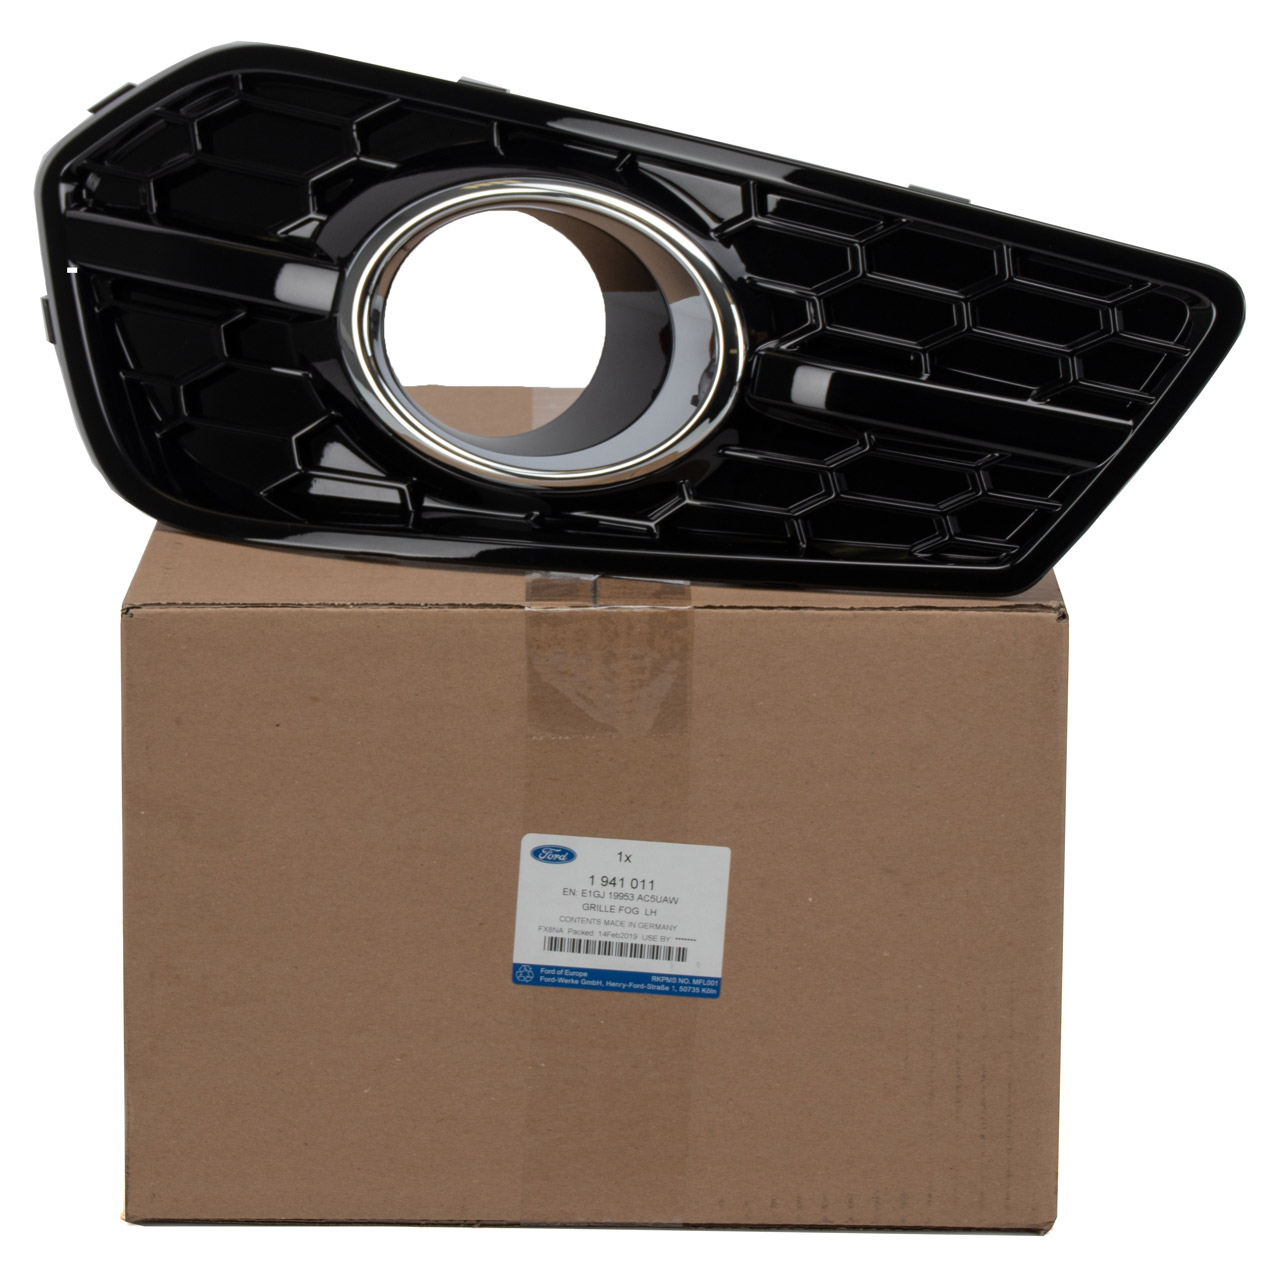 ORIGINAL Ford Blende Nebelscheinwerfer LINKS 1941011 für S-MAX ab 06.2015